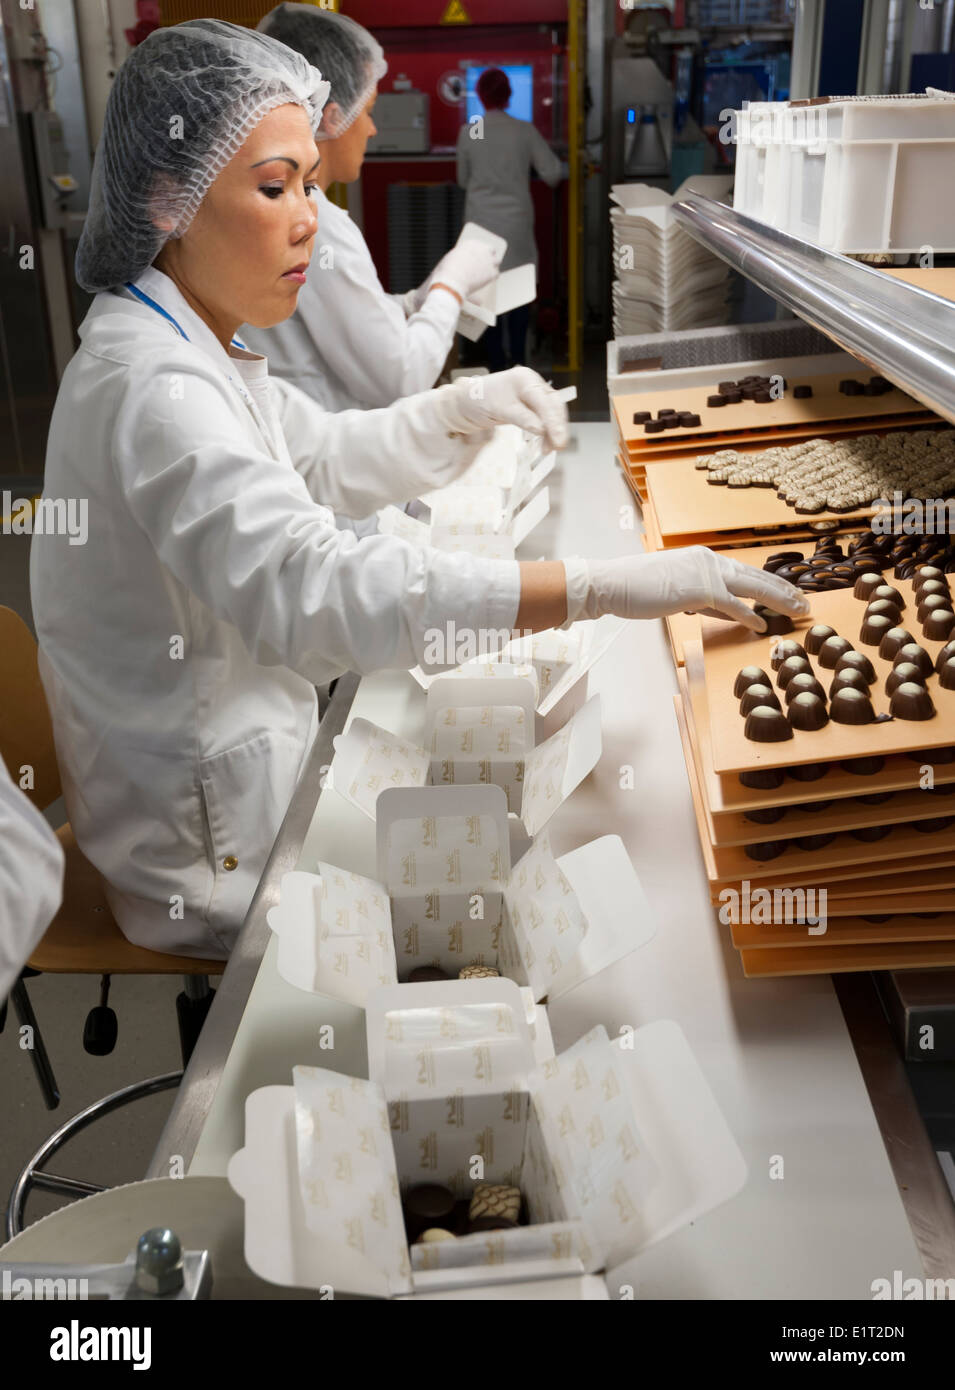 Lindt Chocolate Factory Tour Usa